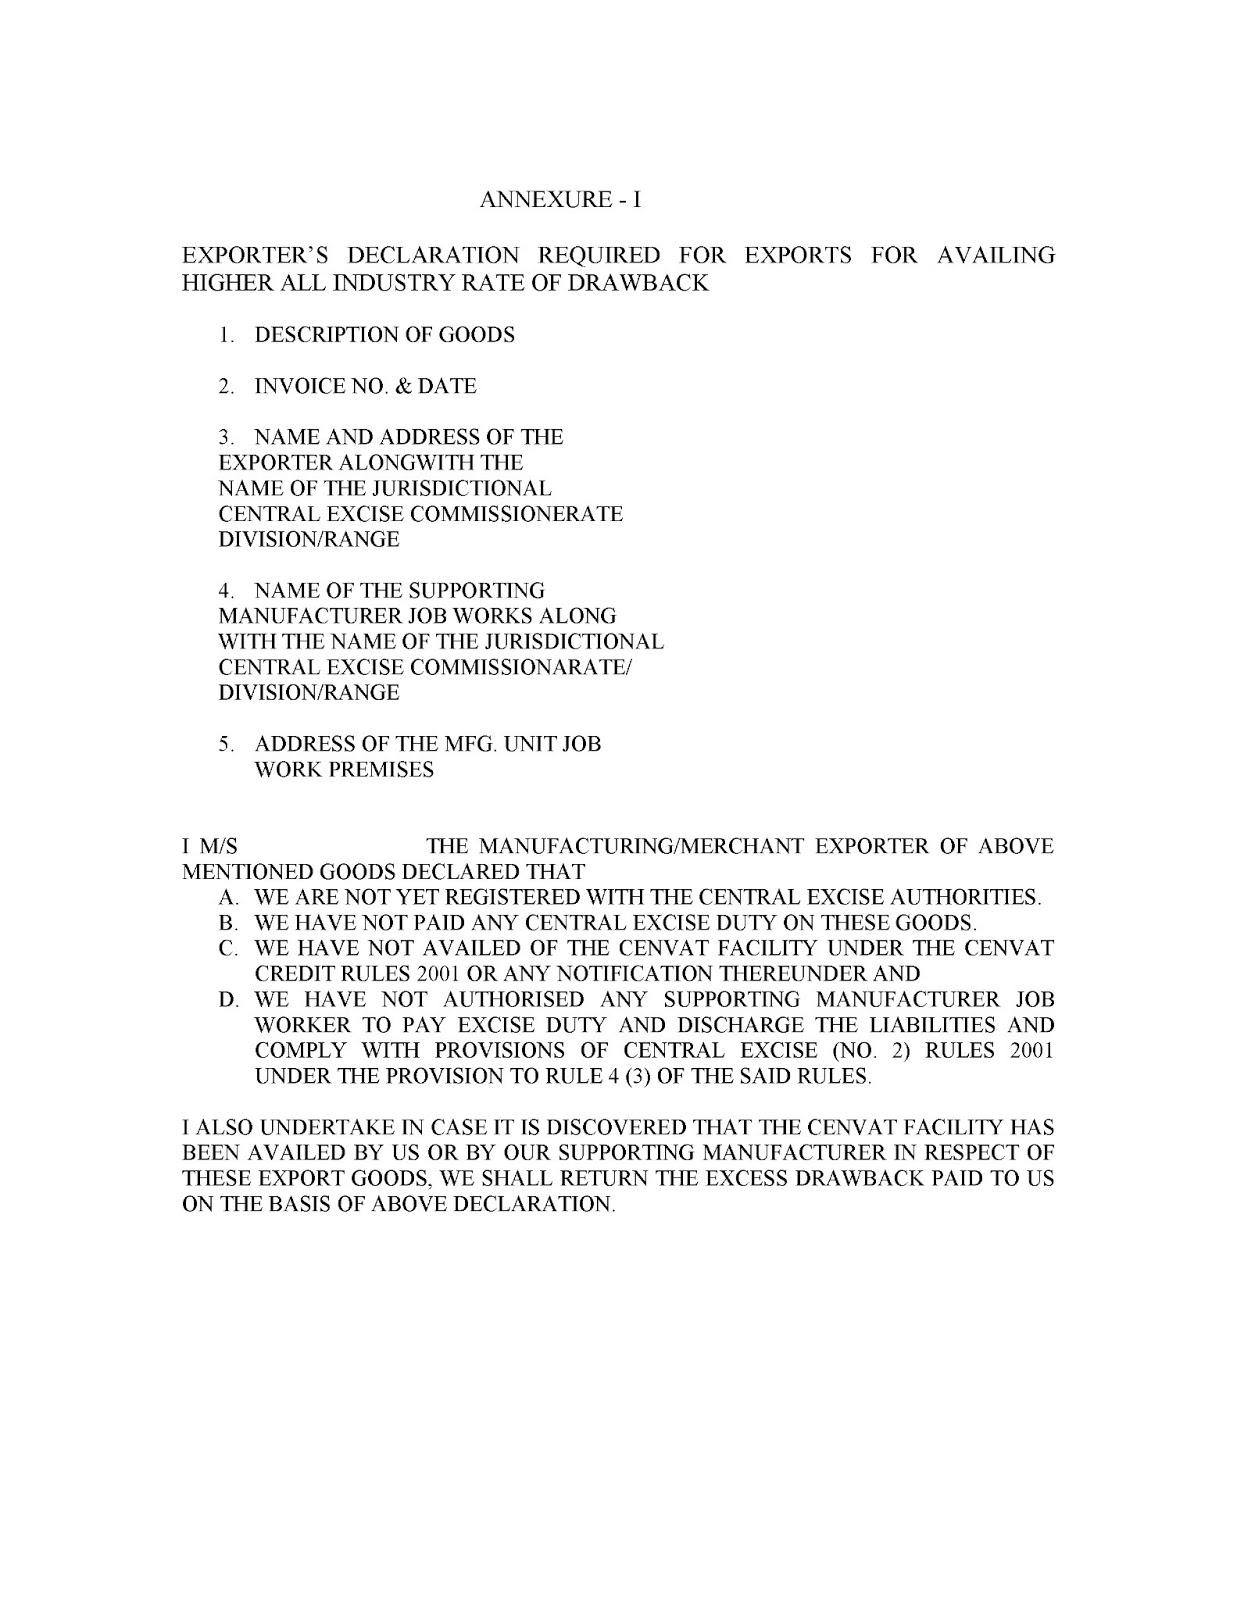 Electricity Bill Name Transfer Affidavit